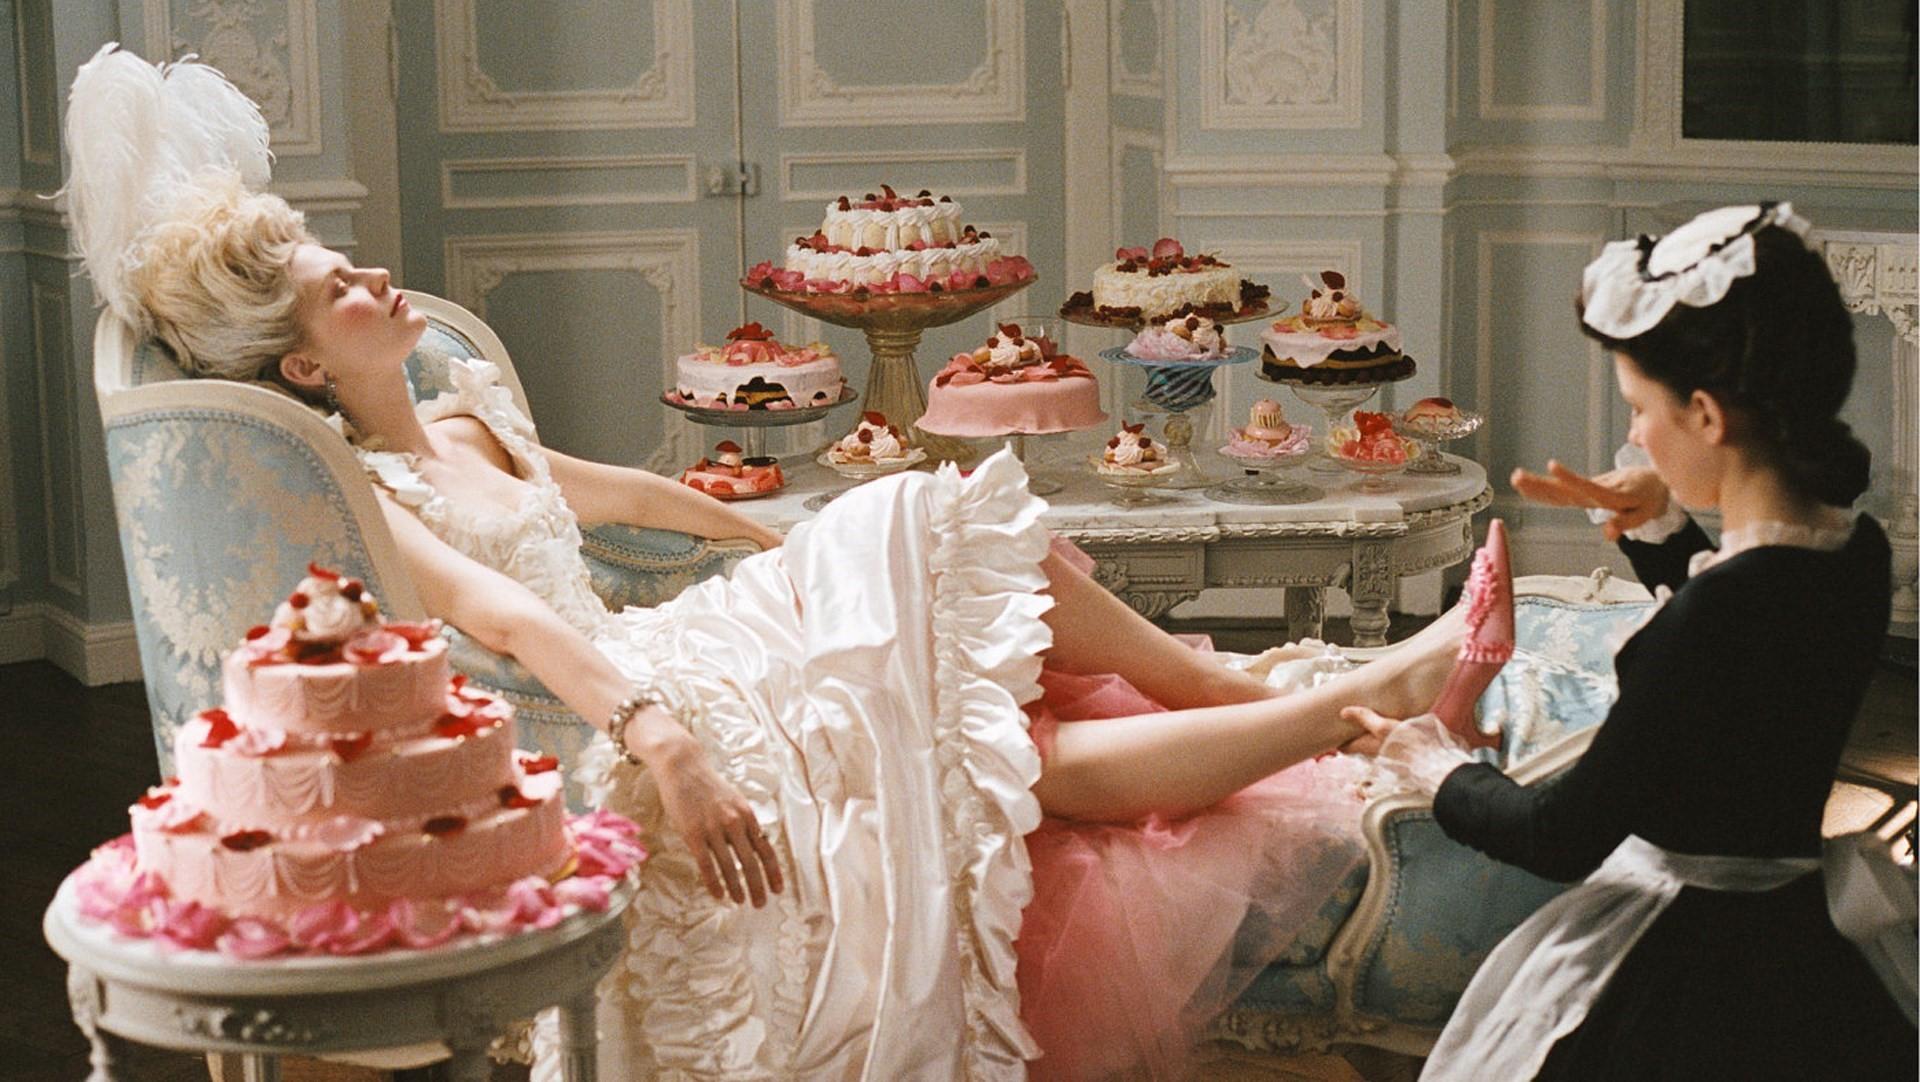 Cena da sequência de abertura de Maria Antonieta. Nela está Kirsten Dunst, que interpreta a rainha, uma mulher branca de cabelos loiros claros; usando um vestido branco de babados e uma pena branca como adorno na cabeça. Ela está deitada voltada para o lado direito, e uma mulher branca de cabelos pretos com um vestido preto, avental e chapéu branco está massageando seus pés. Elas estão cercadas por vários bolos.